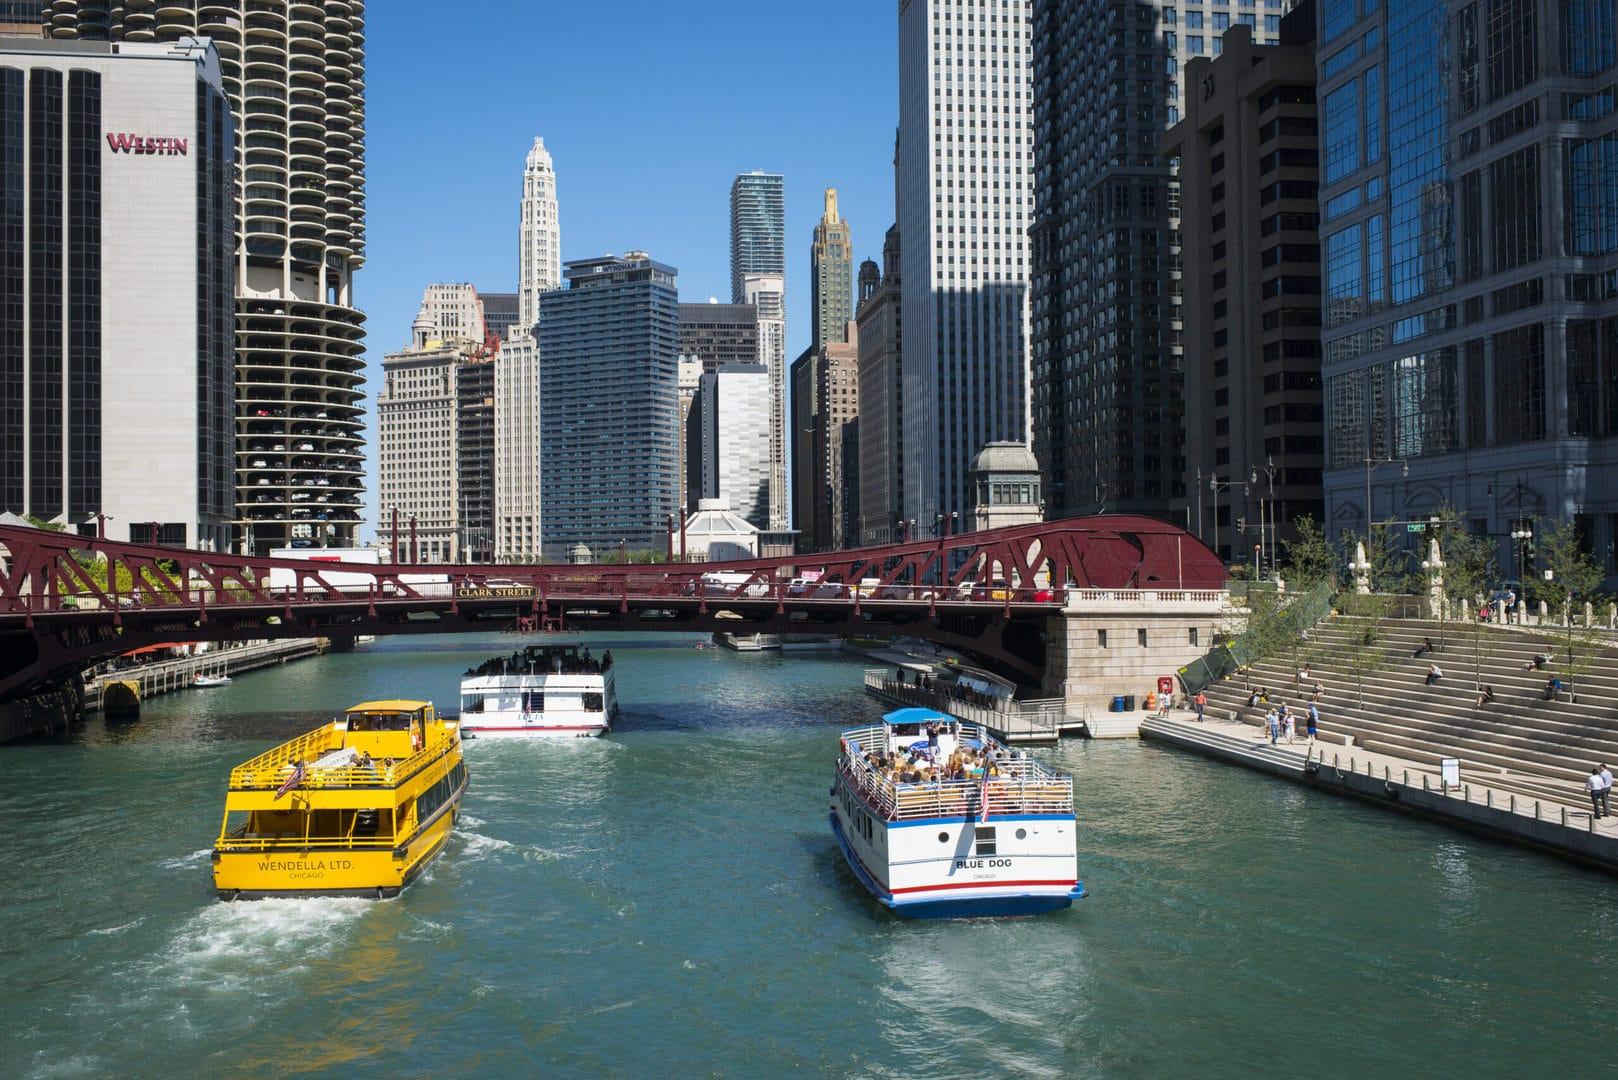 Studietur Chicago River cruise